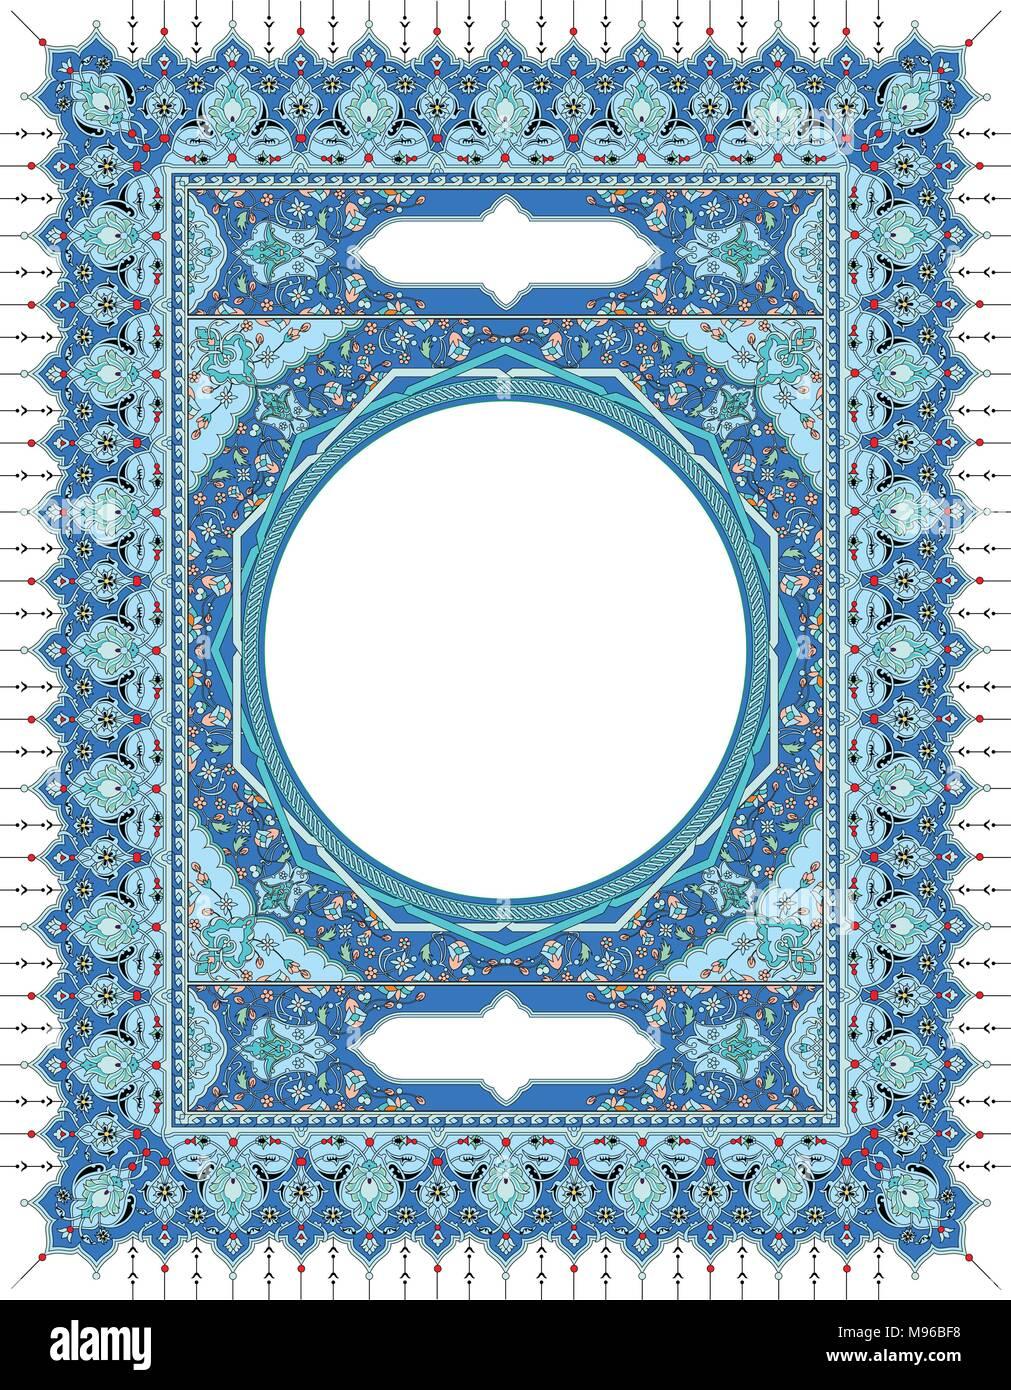 Islamic Art Frame Inside Book Prayer Cover Stock Vector Image Art Alamy